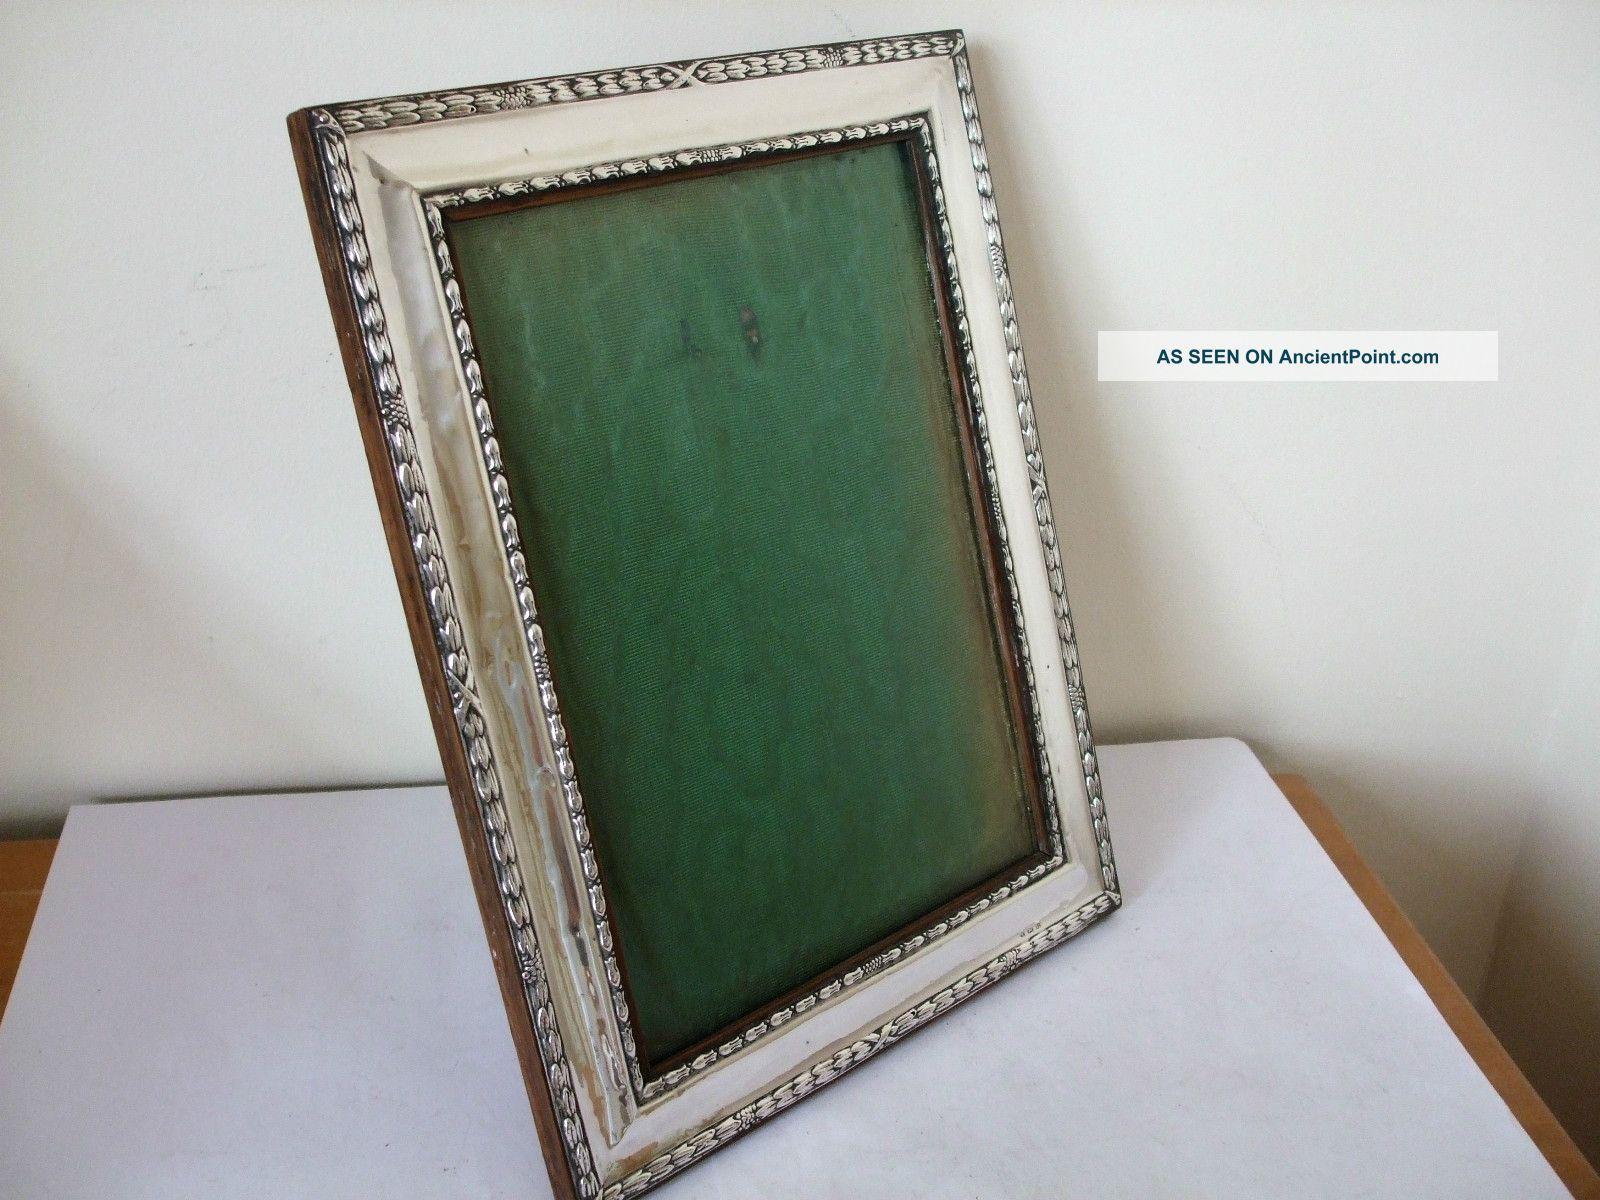 Antique Silver Large Photo Frame Birmingham 1910 Repousse Decoration 10 By 8 Inc Frames photo